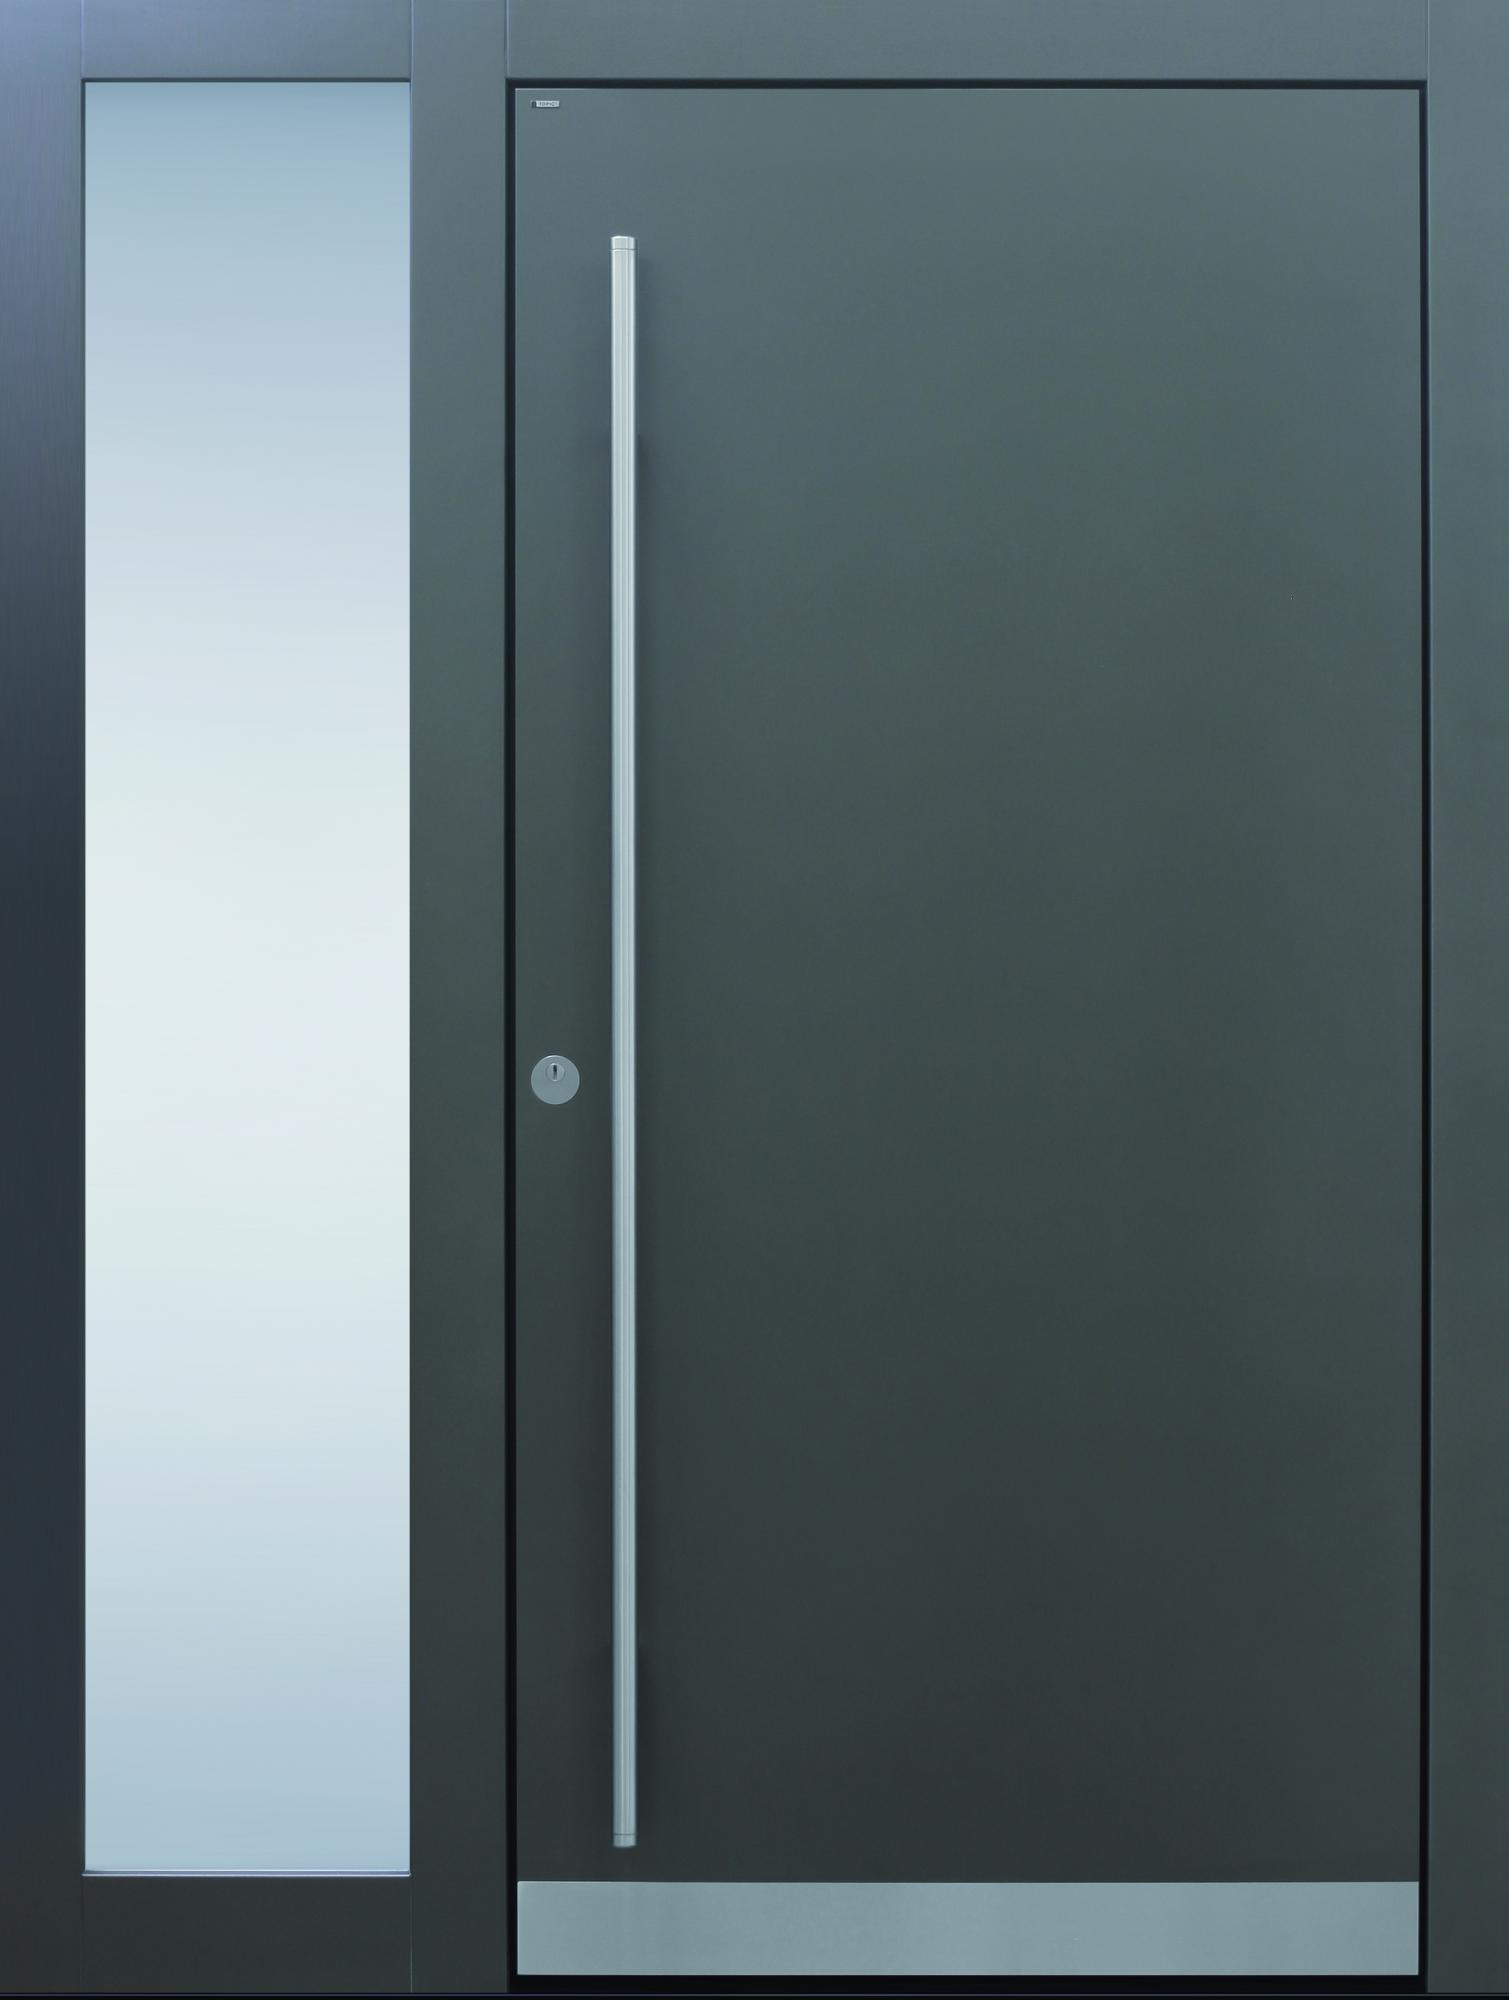 Haustür modern glas  TOPIC - Haustüren von Meisterhand TOPIC - die Türenmanufaktur